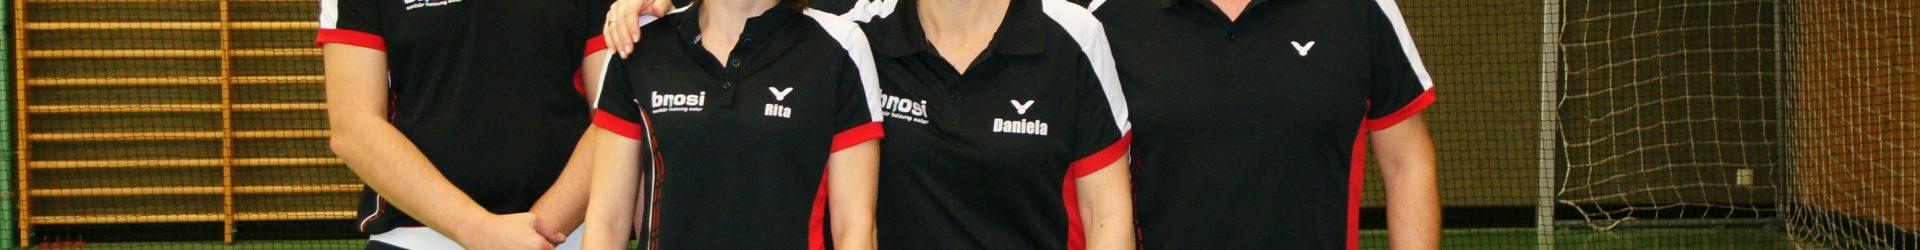 Sieg und Unentschieden im Badminton